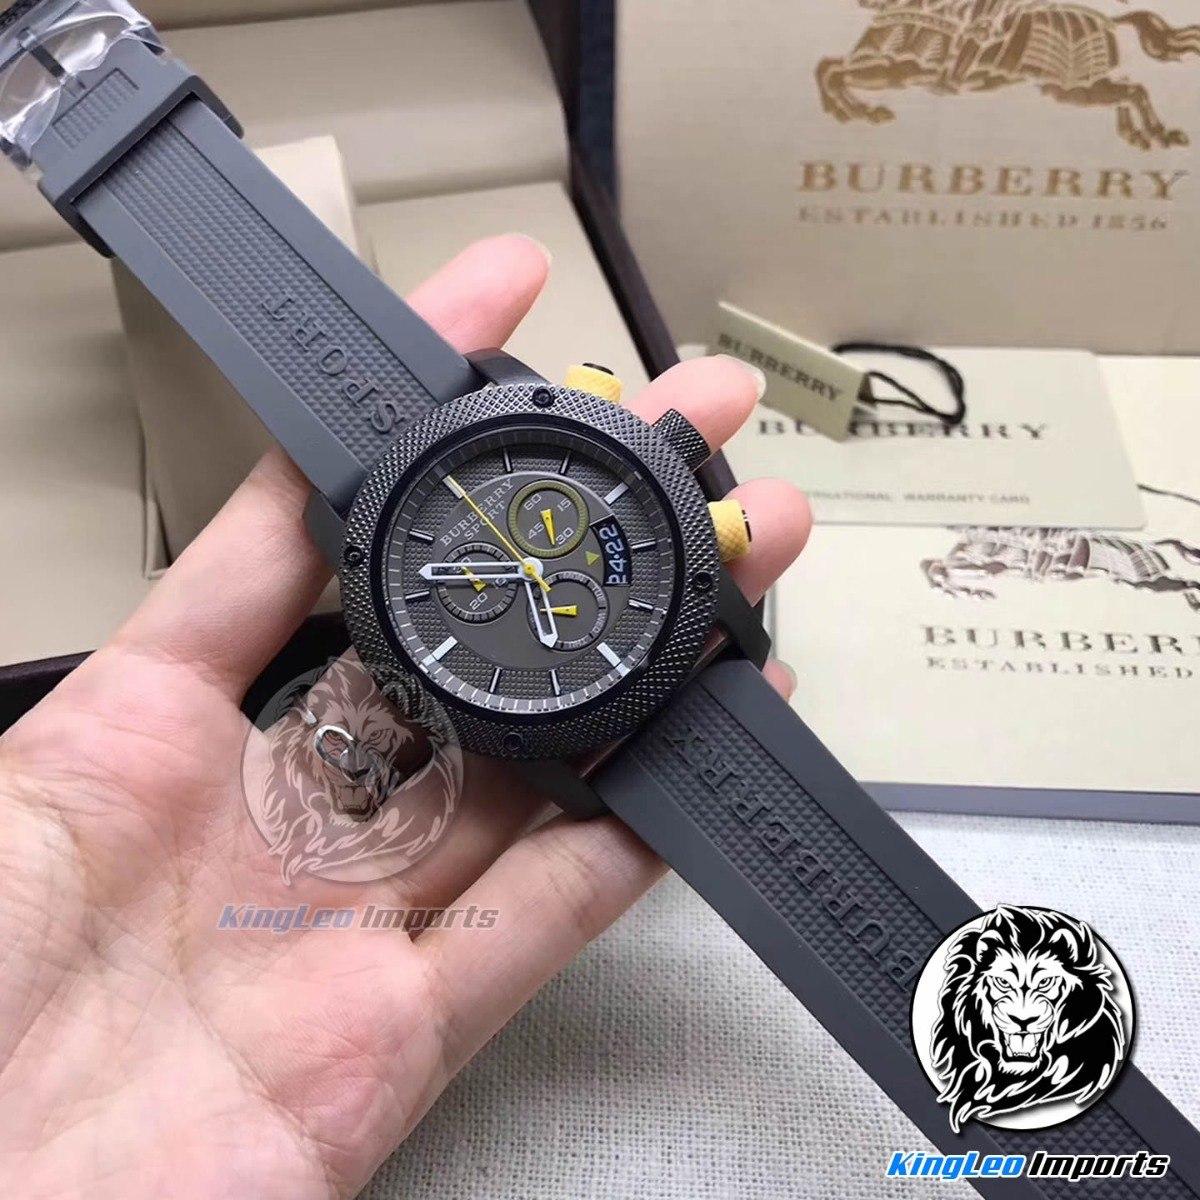 8ba7035b241 relógio masculino burberry sport c  caixa+manual+certificado. Carregando  zoom.